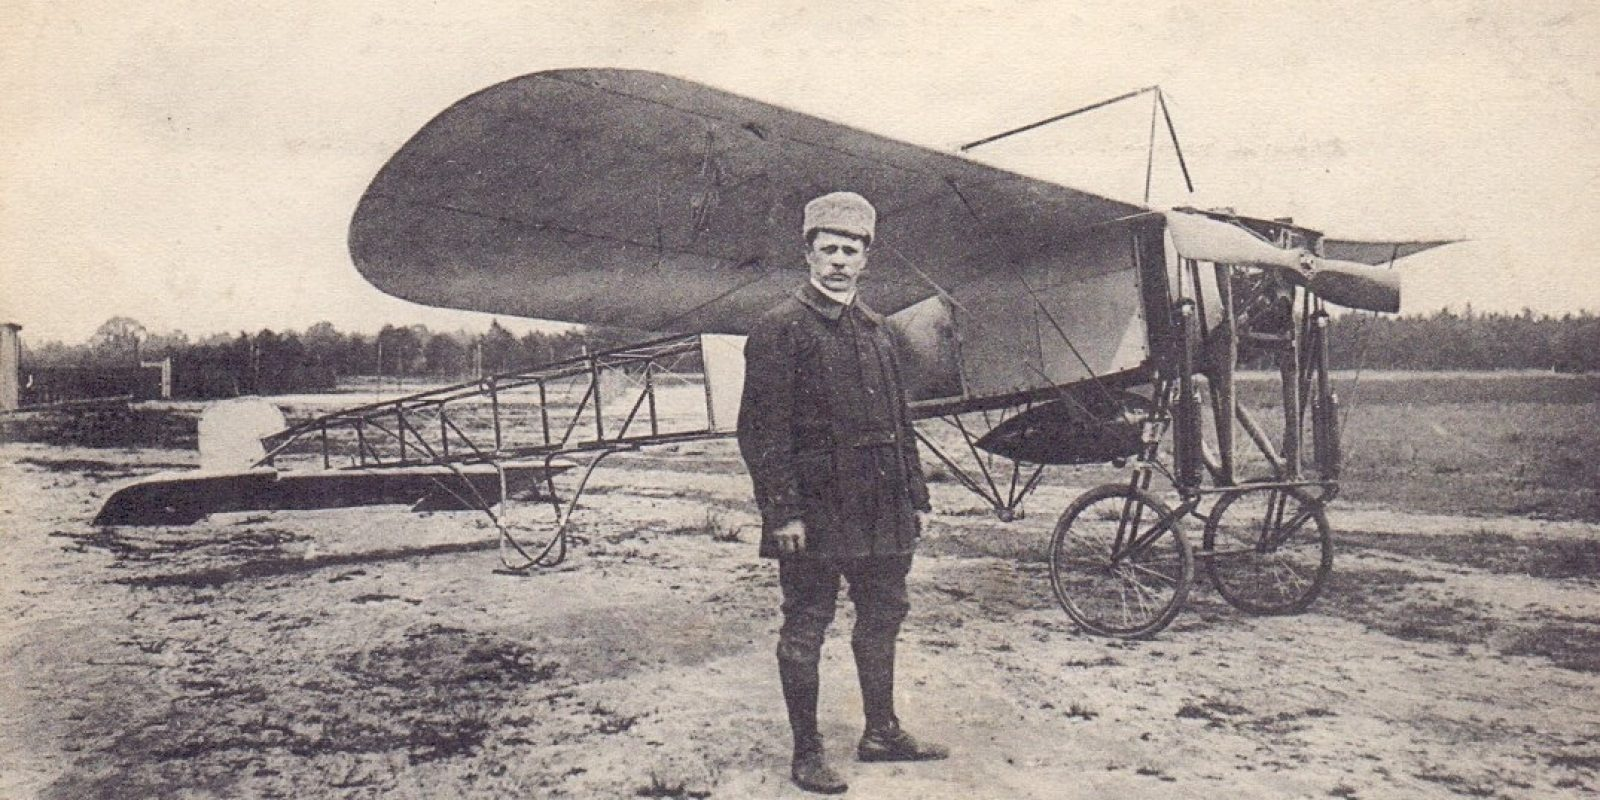 Foto genomen omstreeks 1911 in de streek van St-Job in 't Goor/Brasschaat. Deze postkaarten werden vooraf gemaakt om verkocht te worden op de vliegdemonstraties. (Archief Frans Van Humbeek)